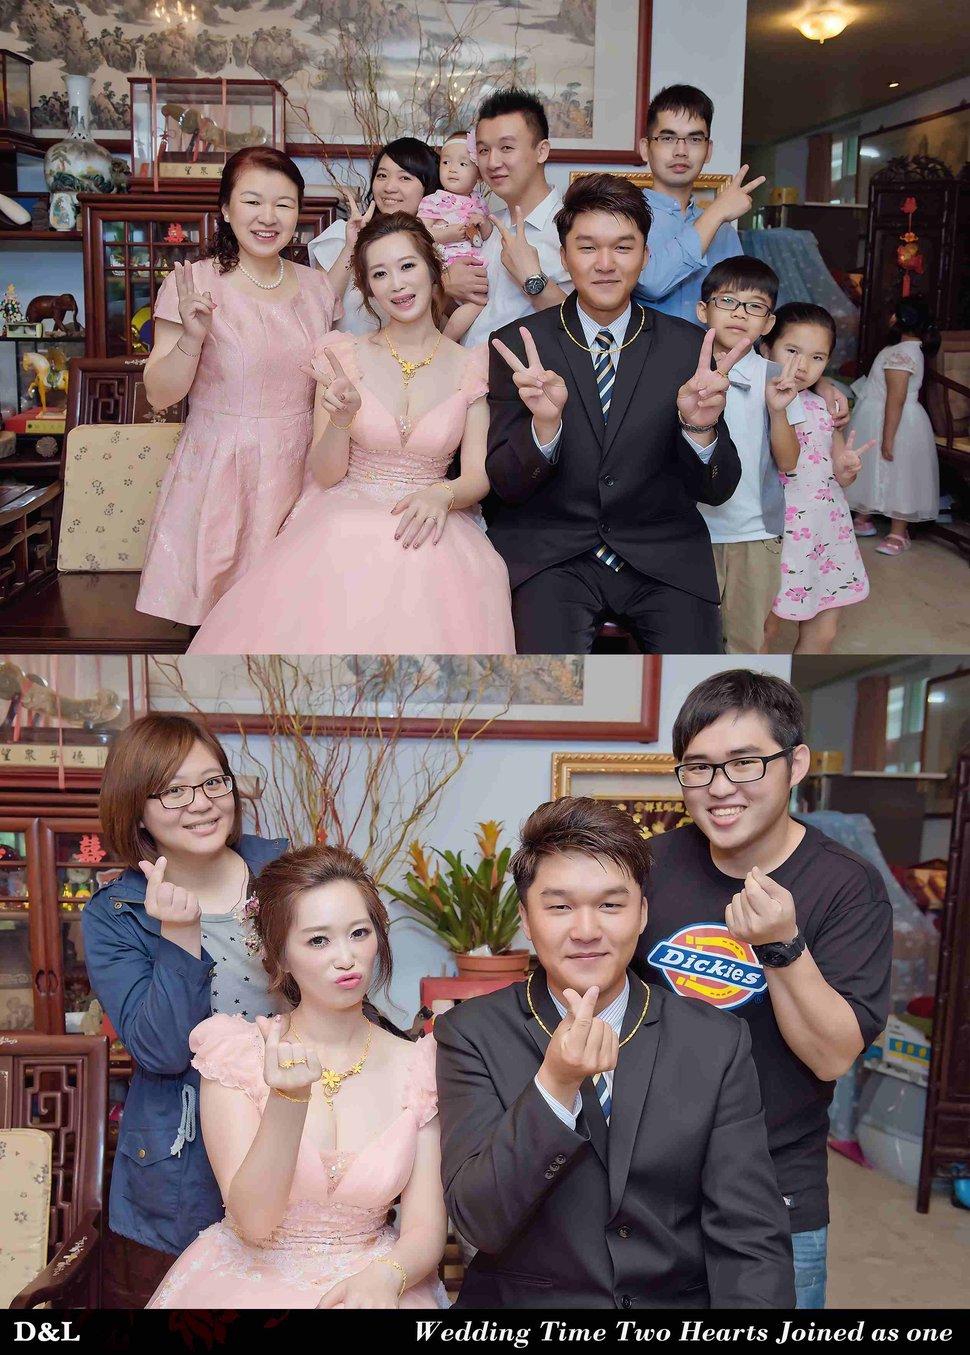 婚禮記錄 俊明&少怡(編號:248812) - D&L 婚禮事務-婚紗攝影/婚禮記錄 - 結婚吧一站式婚禮服務平台